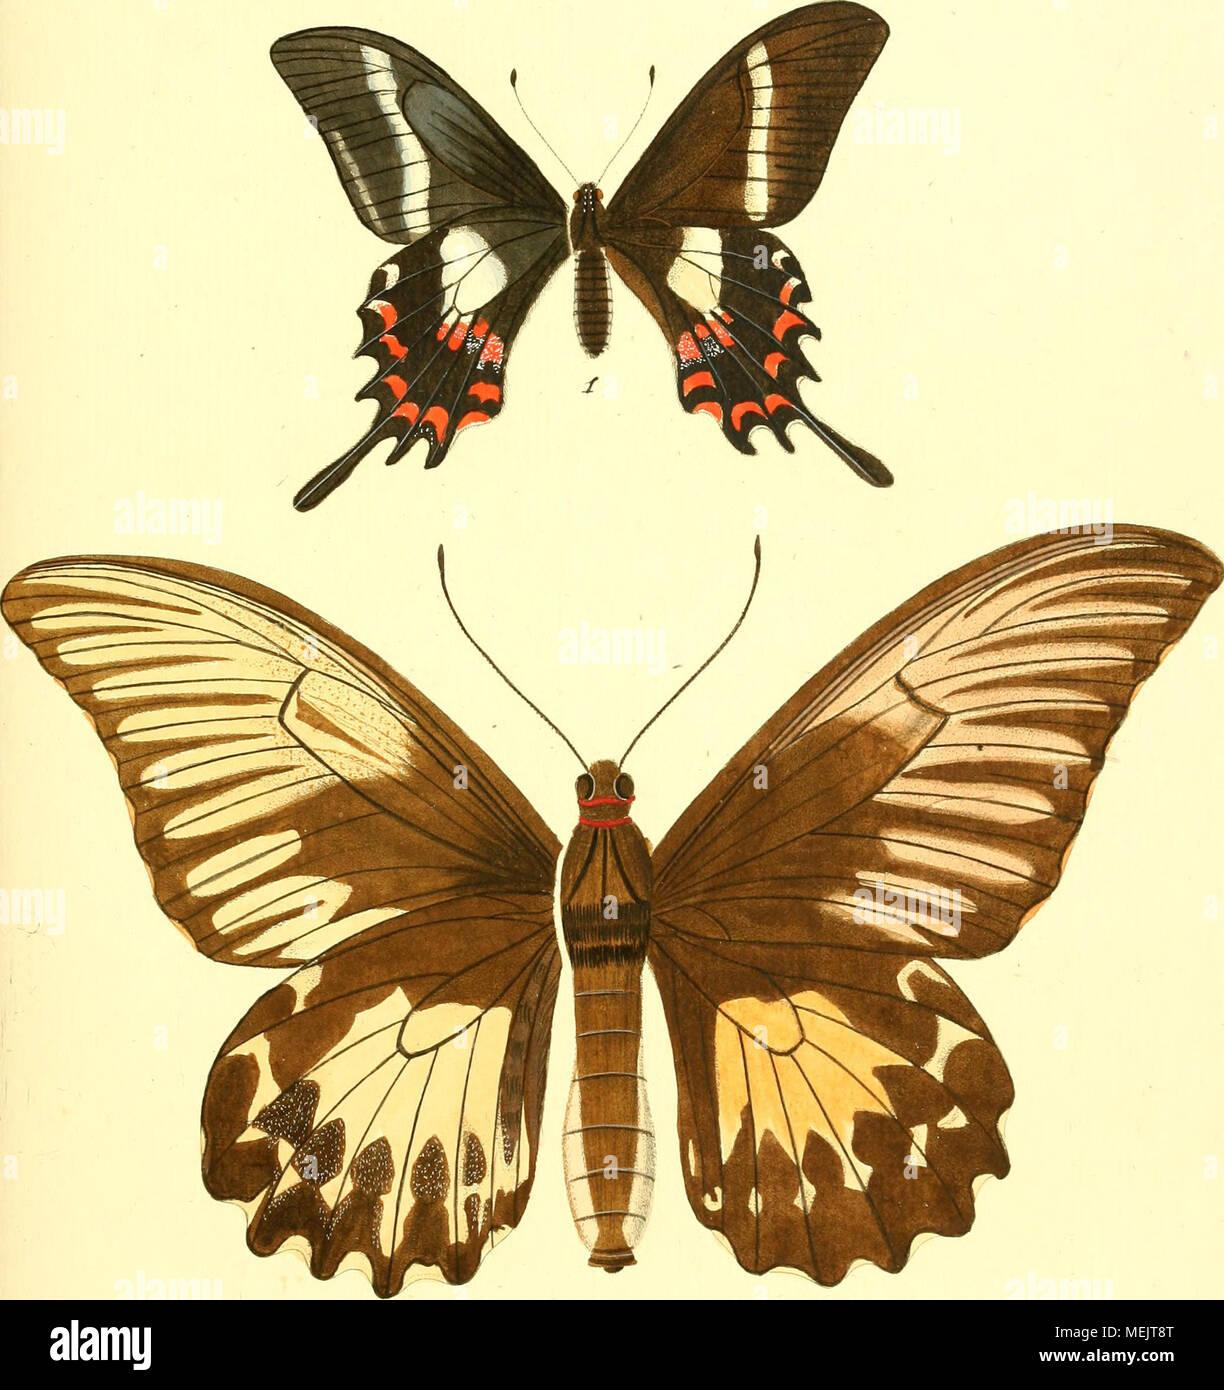 . Die ausländischen Schmetterlinge in Abbildungen nach der Natur . PcT nilioii. exotic. ^a. i. .y^fectoru/es.cTi^.^. c â¬m/t/iinui/an.9^ni. â >9^ rt^. - Stock Image